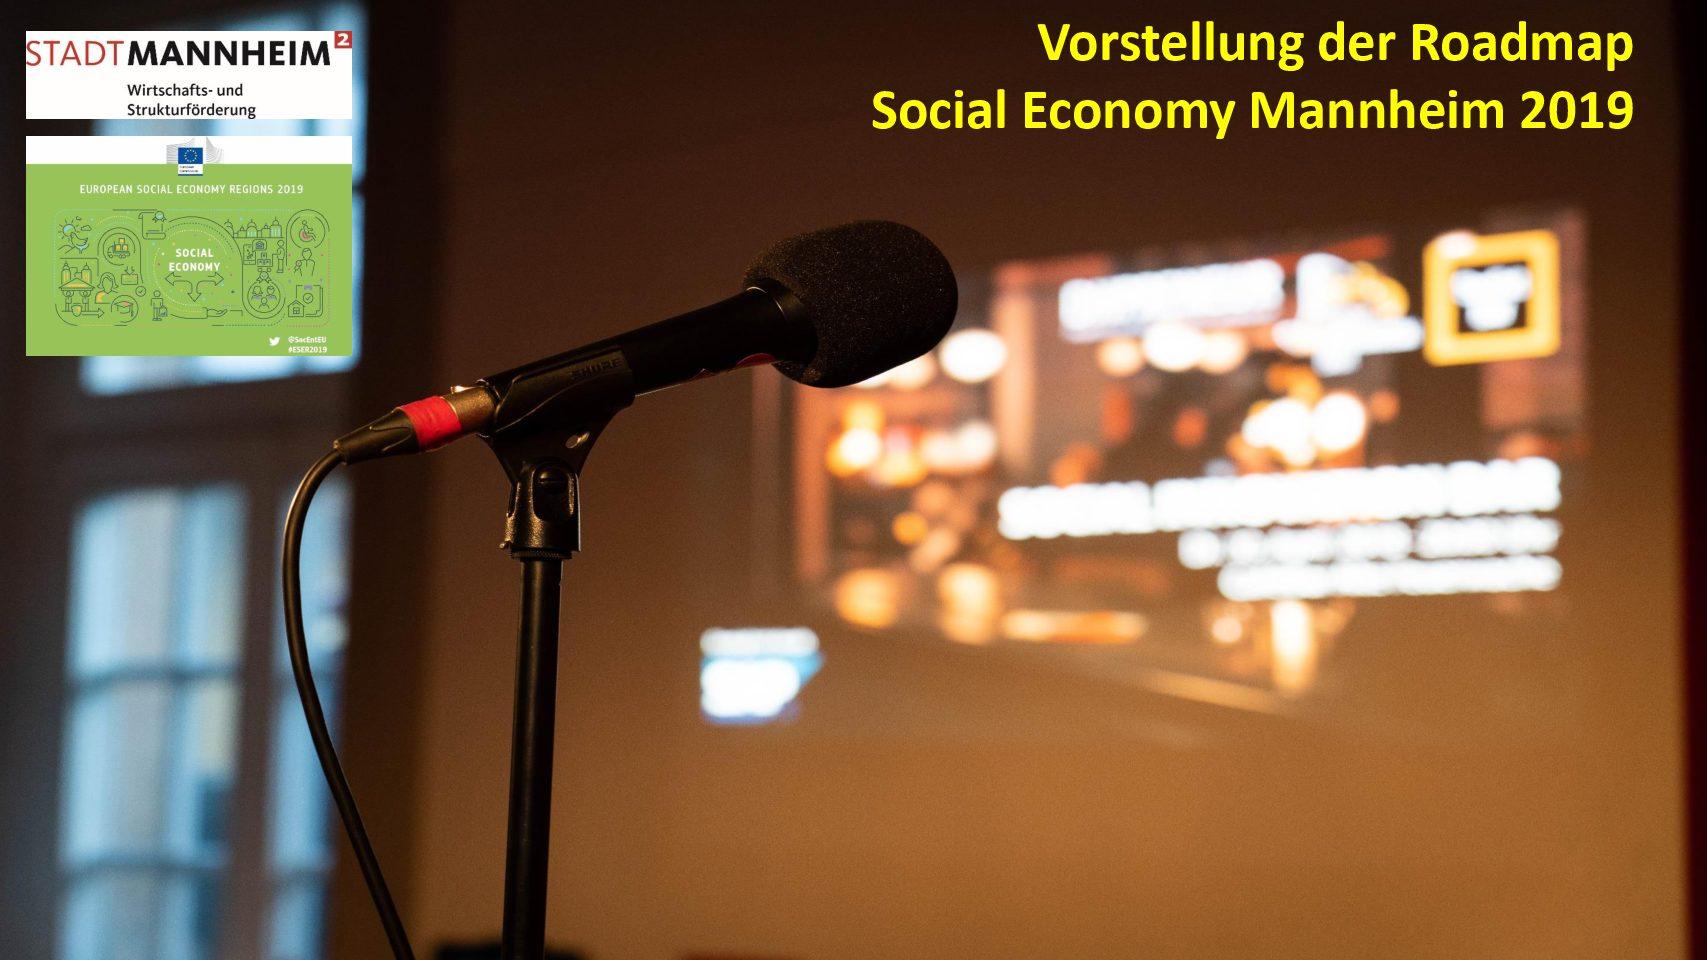 Kickoff Veranstaltung zur Vorstellung der Roadmap Social Economy Mannheim 2019